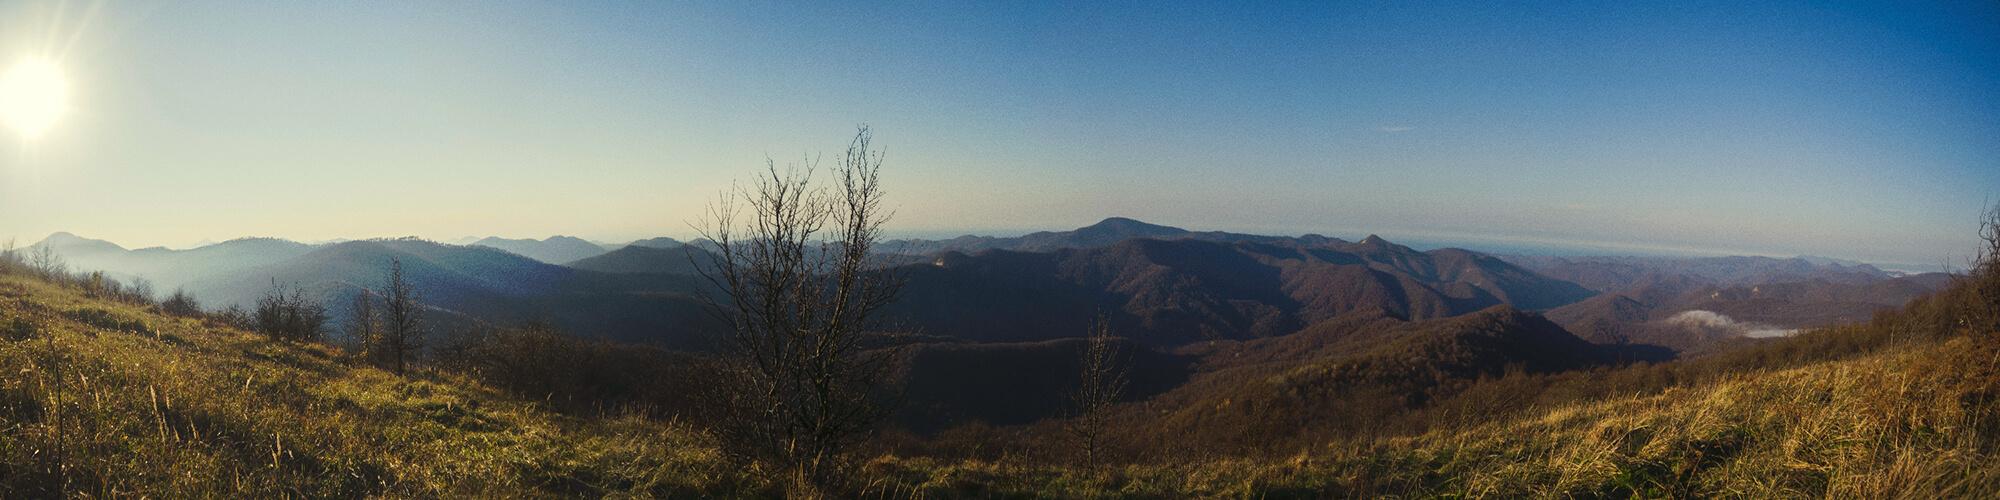 Панорама на юг с горы Фаше